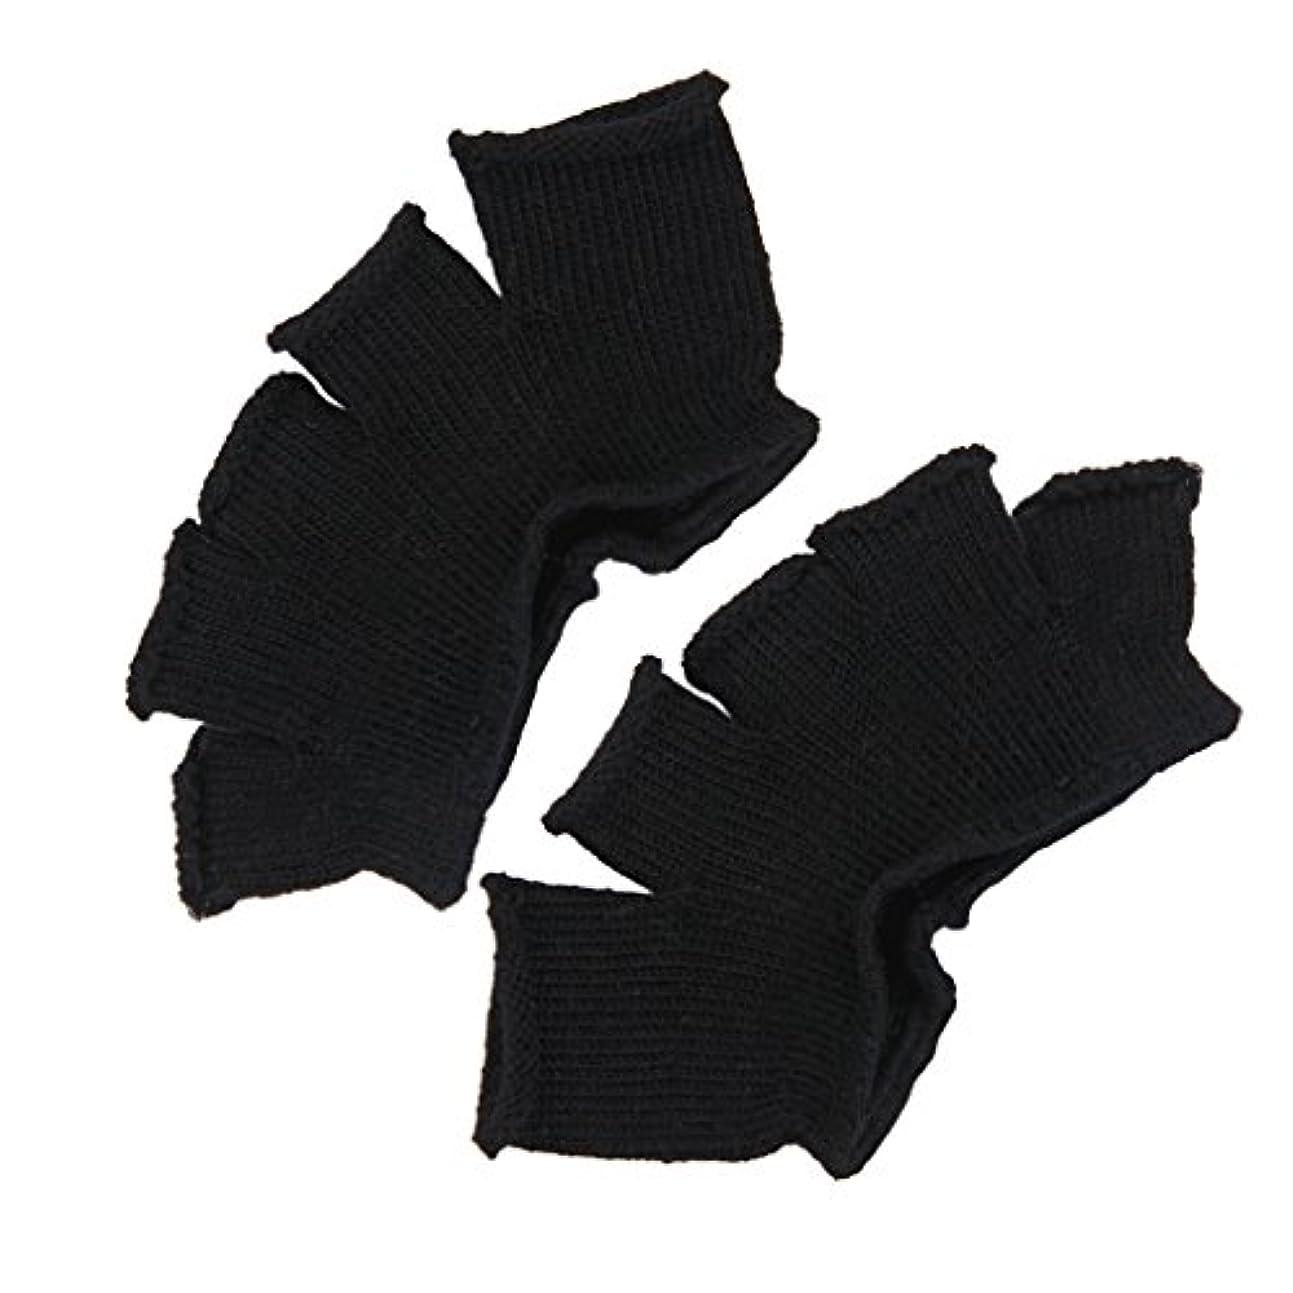 集団インポート拍手するFootful 5本指カバー 爽快指の間カバー 2枚組 男女兼用 足の臭い対策 抗菌 防臭 フットカバー (ブラック)